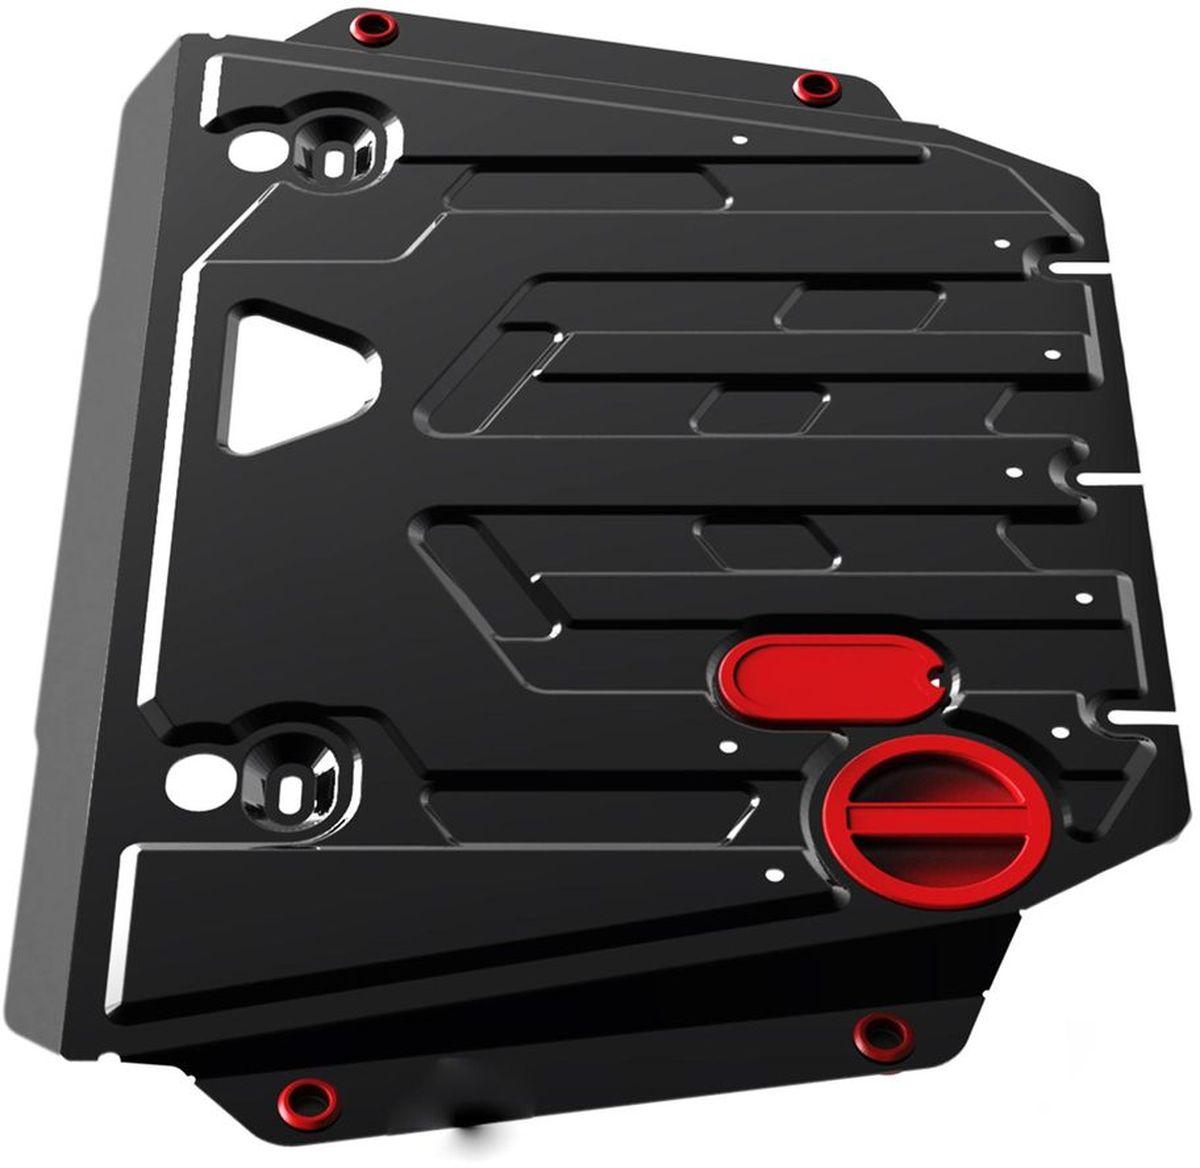 Защита картера и КПП Автоброня, для Honda CR-V, V - 2,0i (2012) Honda CR-V, V - 2,0i (2012)111.02125.1Технологически совершенный продукт за невысокую стоимость. Защита разработана с учетом особенностей днища автомобиля, что позволяет сохранить дорожный просвет с минимальным изменением. Защита устанавливается в штатные места кузова автомобиля. Глубокий штамп обеспечивает до двух раз больше жесткости в сравнении с обычной защитой той же толщины. Проштампованные ребра жесткости препятствуют деформации защиты при ударах. Тепловой зазор и вентиляционные отверстия обеспечивают сохранение температурного режима двигателя в норме. Скрытый крепеж предотвращает срыв крепежных элементов при наезде на препятствие. Шумопоглощающие резиновые элементы обеспечивают комфортную езду без вибраций и скрежета металла, а съемные лючки для слива масла и замены фильтра - экономию средств и время. Конструкция изделия не влияет на пассивную безопасность автомобиля (при ударе защита не воздействует на деформационные зоны кузова). Со штатным крепежом. В комплекте инструкция по установке....